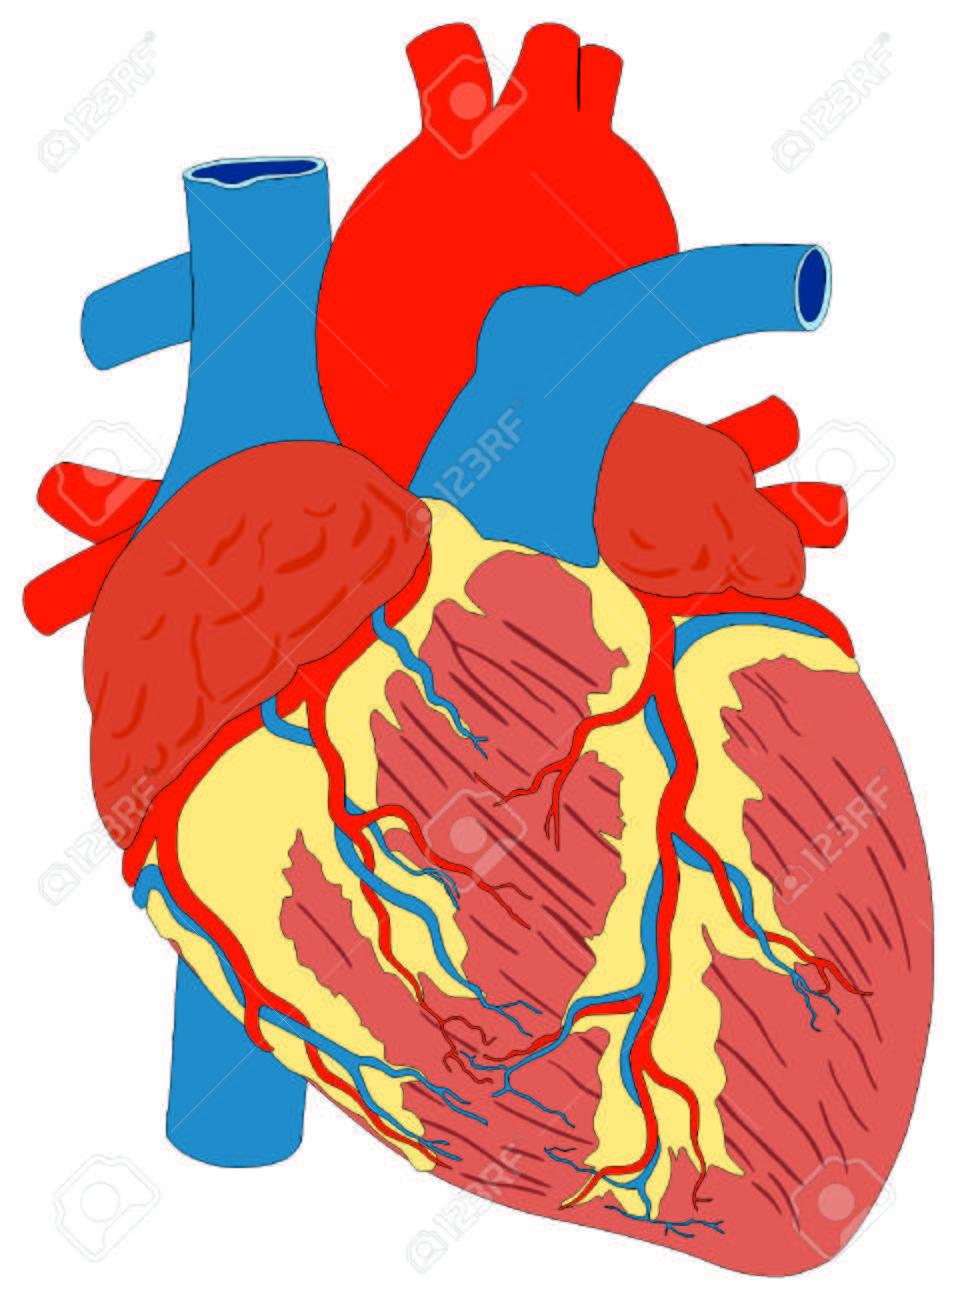 Menschliches Herz-Muskel-Gross Anatomie Vektordiagramm Unmarkierten ...